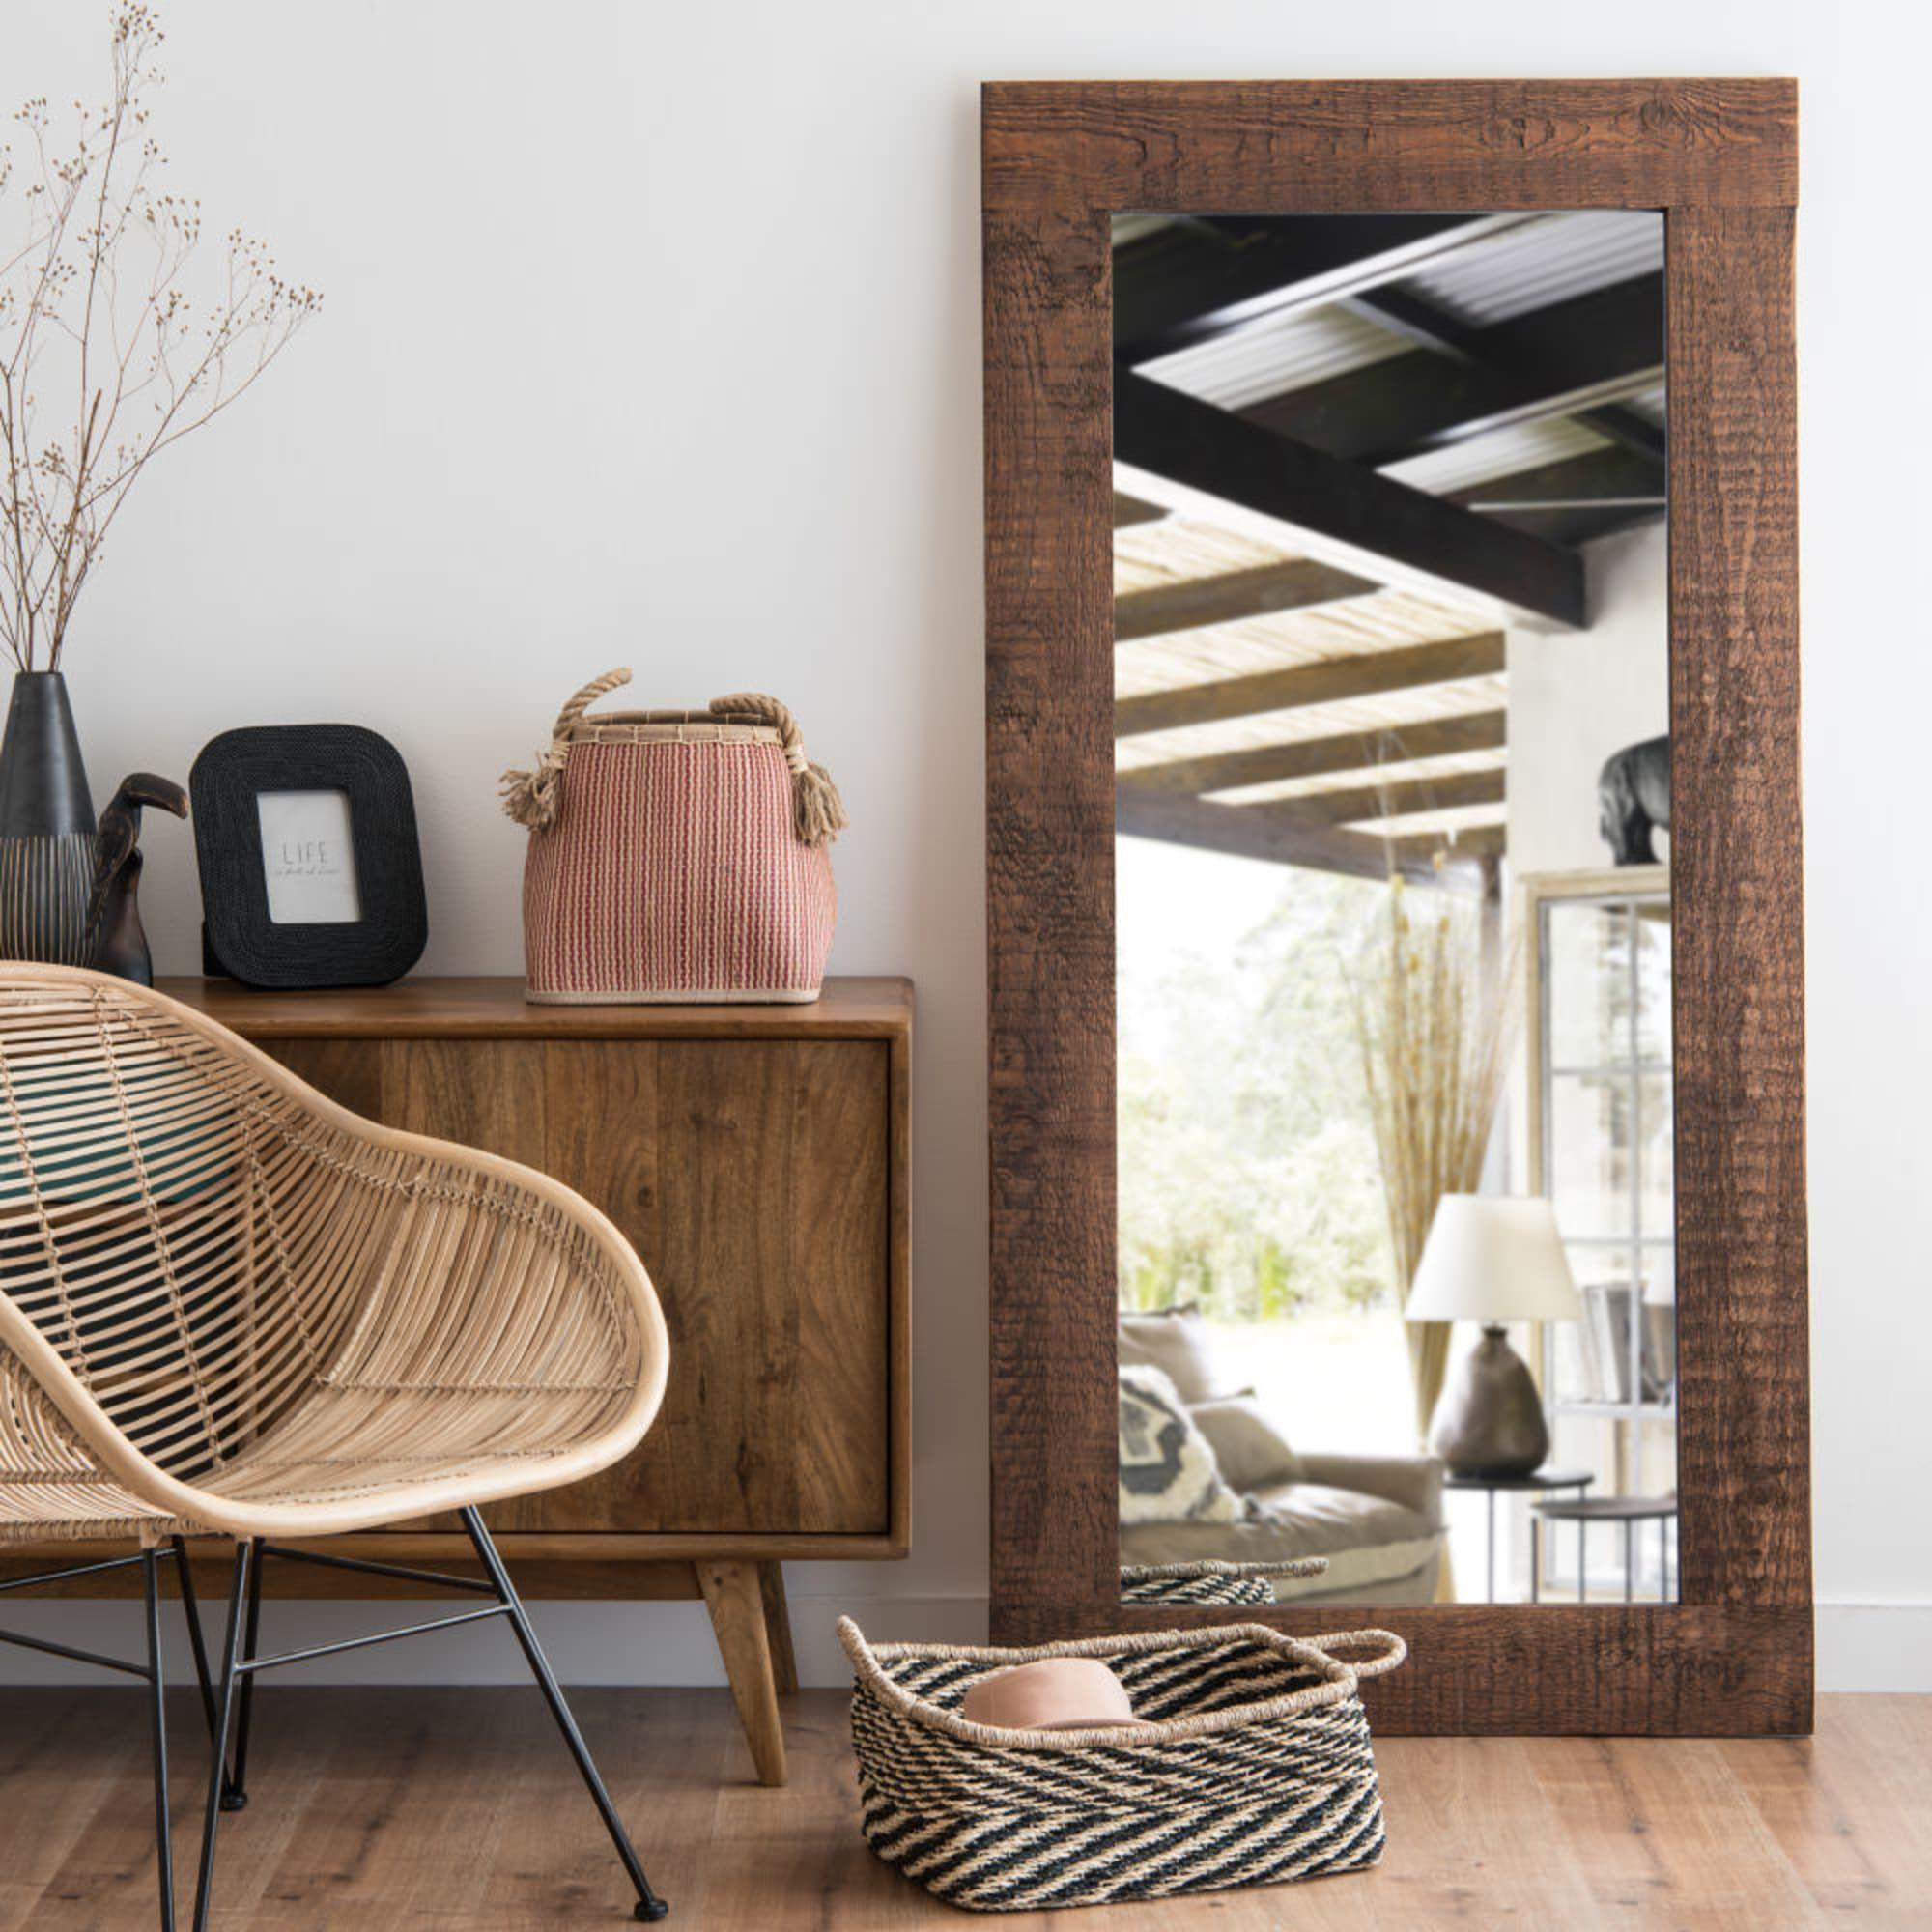 Miroir En Pin 82x165 Maisons Du Monde Deco Hygge Meuble Salle A Manger Mobilier De Salon